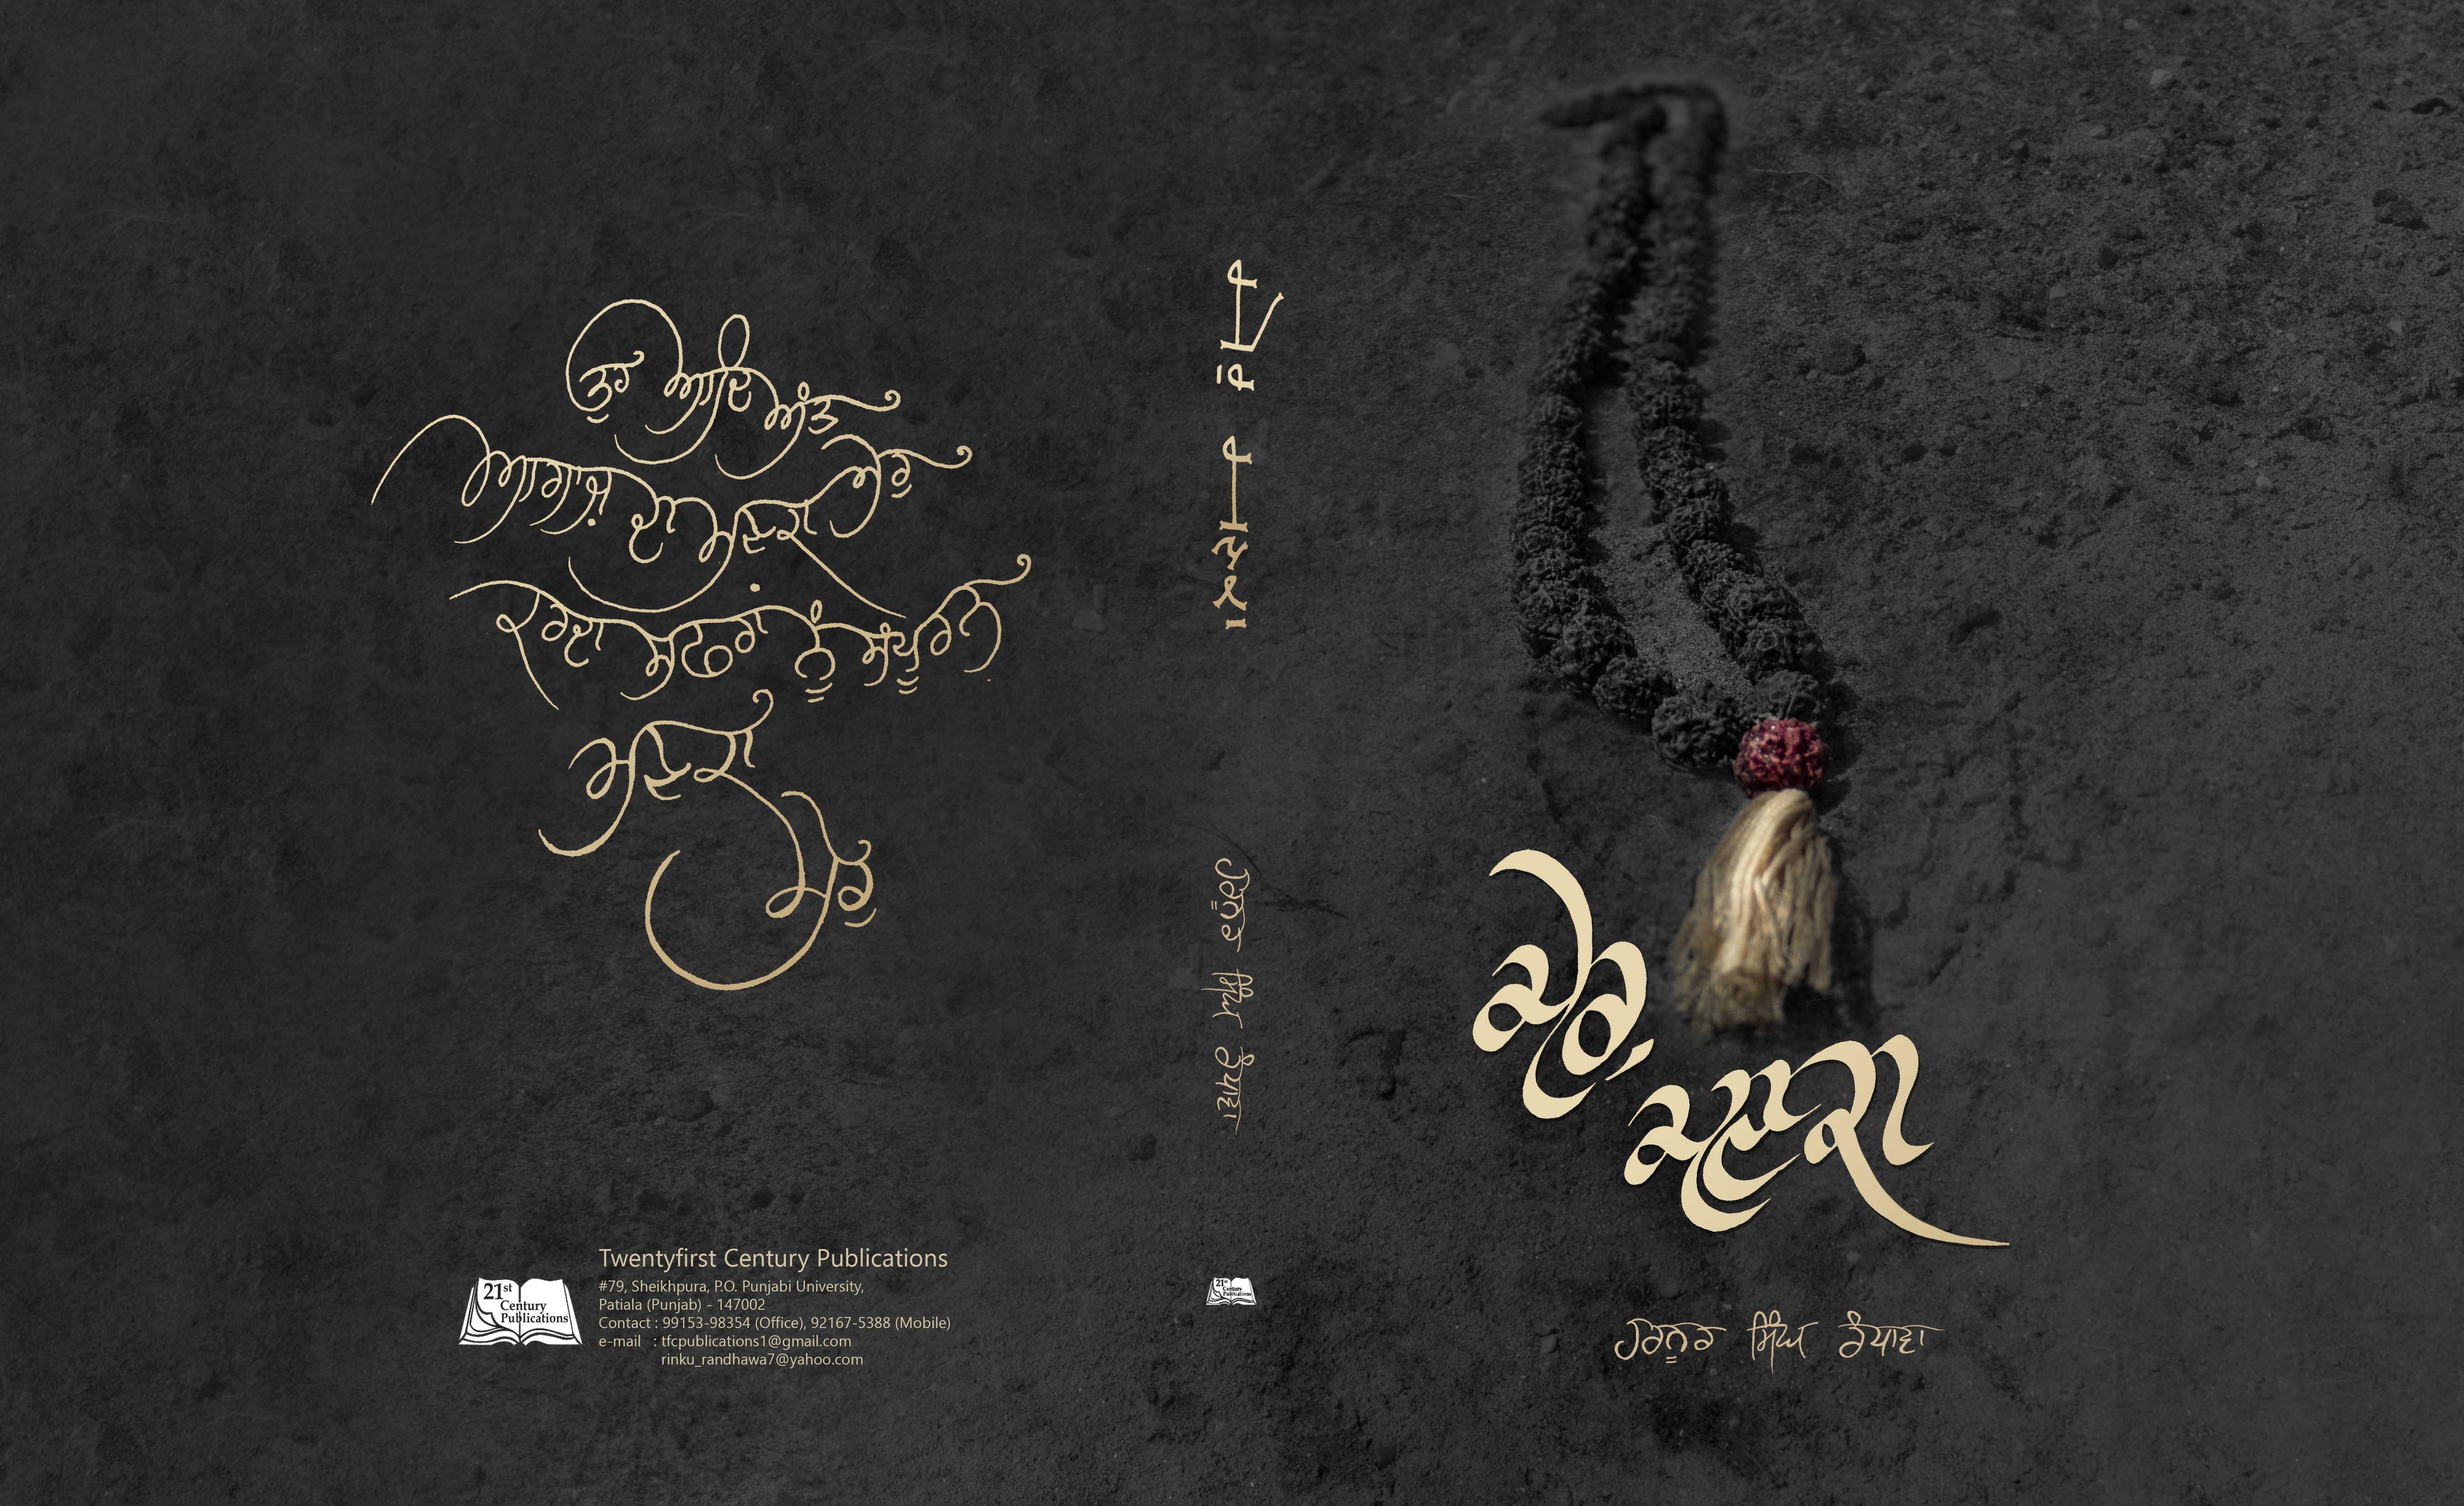 Meru Manka_Cover by daras